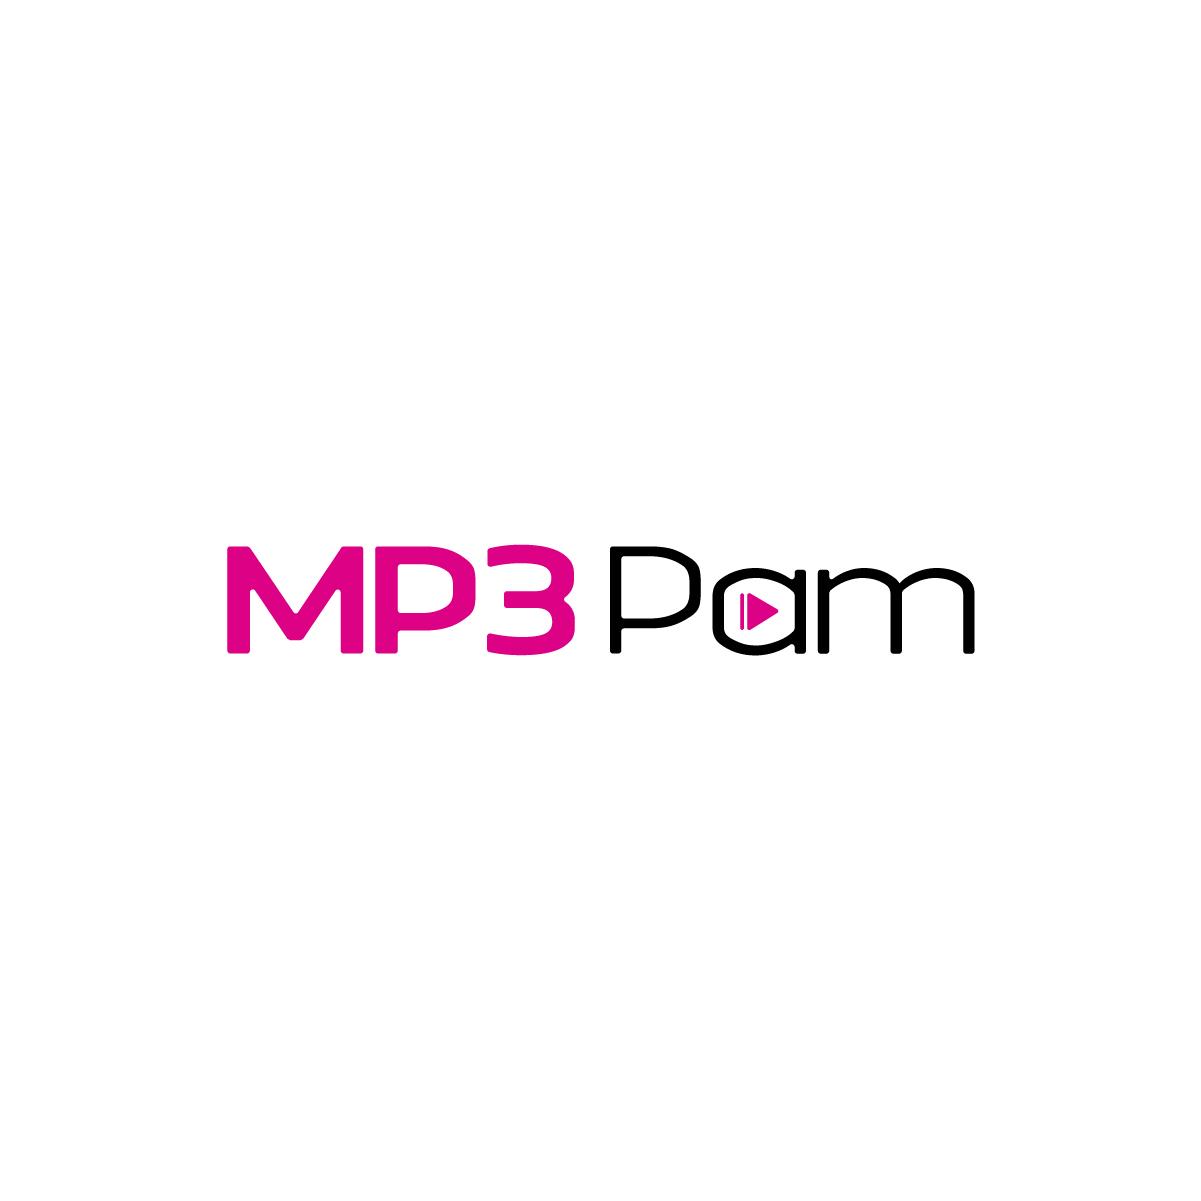 MP3 Pam: Plateforme de musique disponible sur Android et iOS